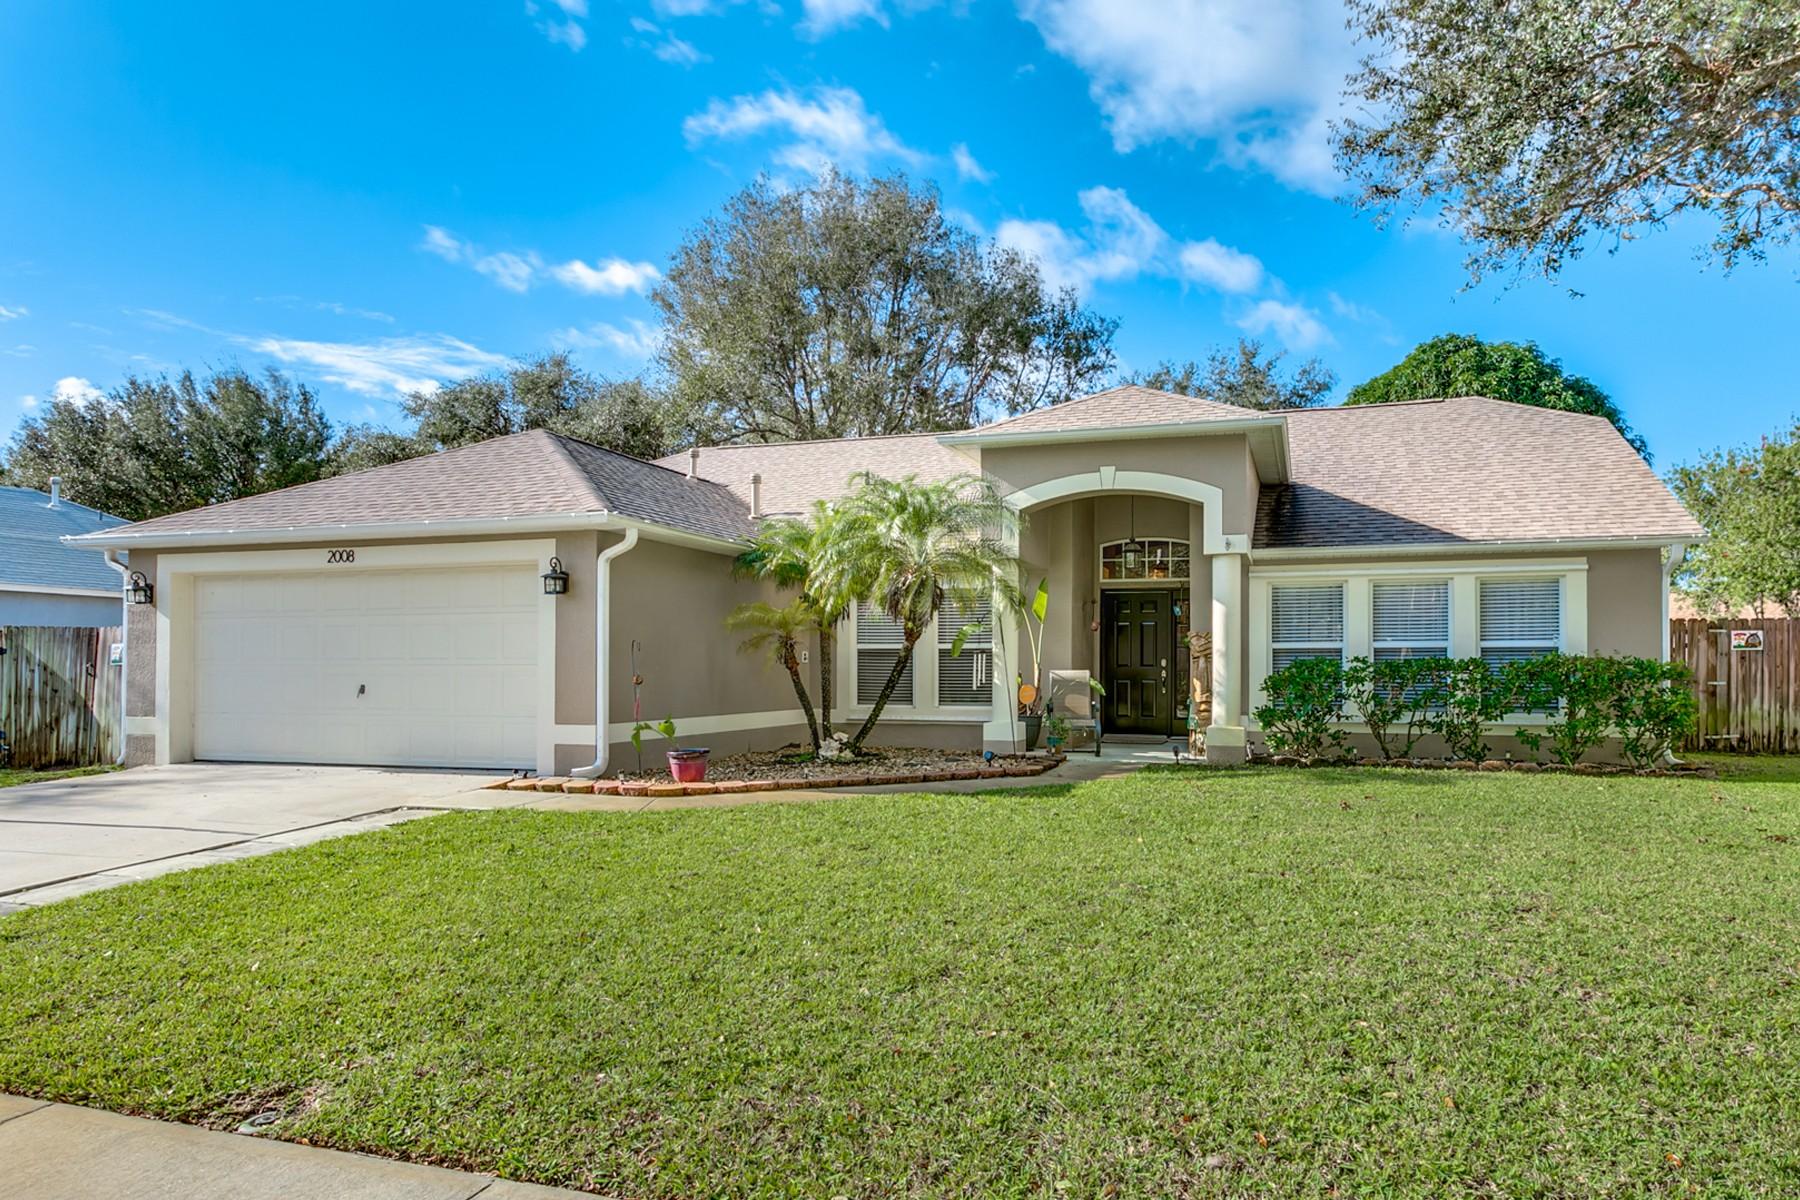 一戸建て のために 売買 アット 2008 Buescher Hill Street Melbourne, フロリダ, 32935 アメリカ合衆国